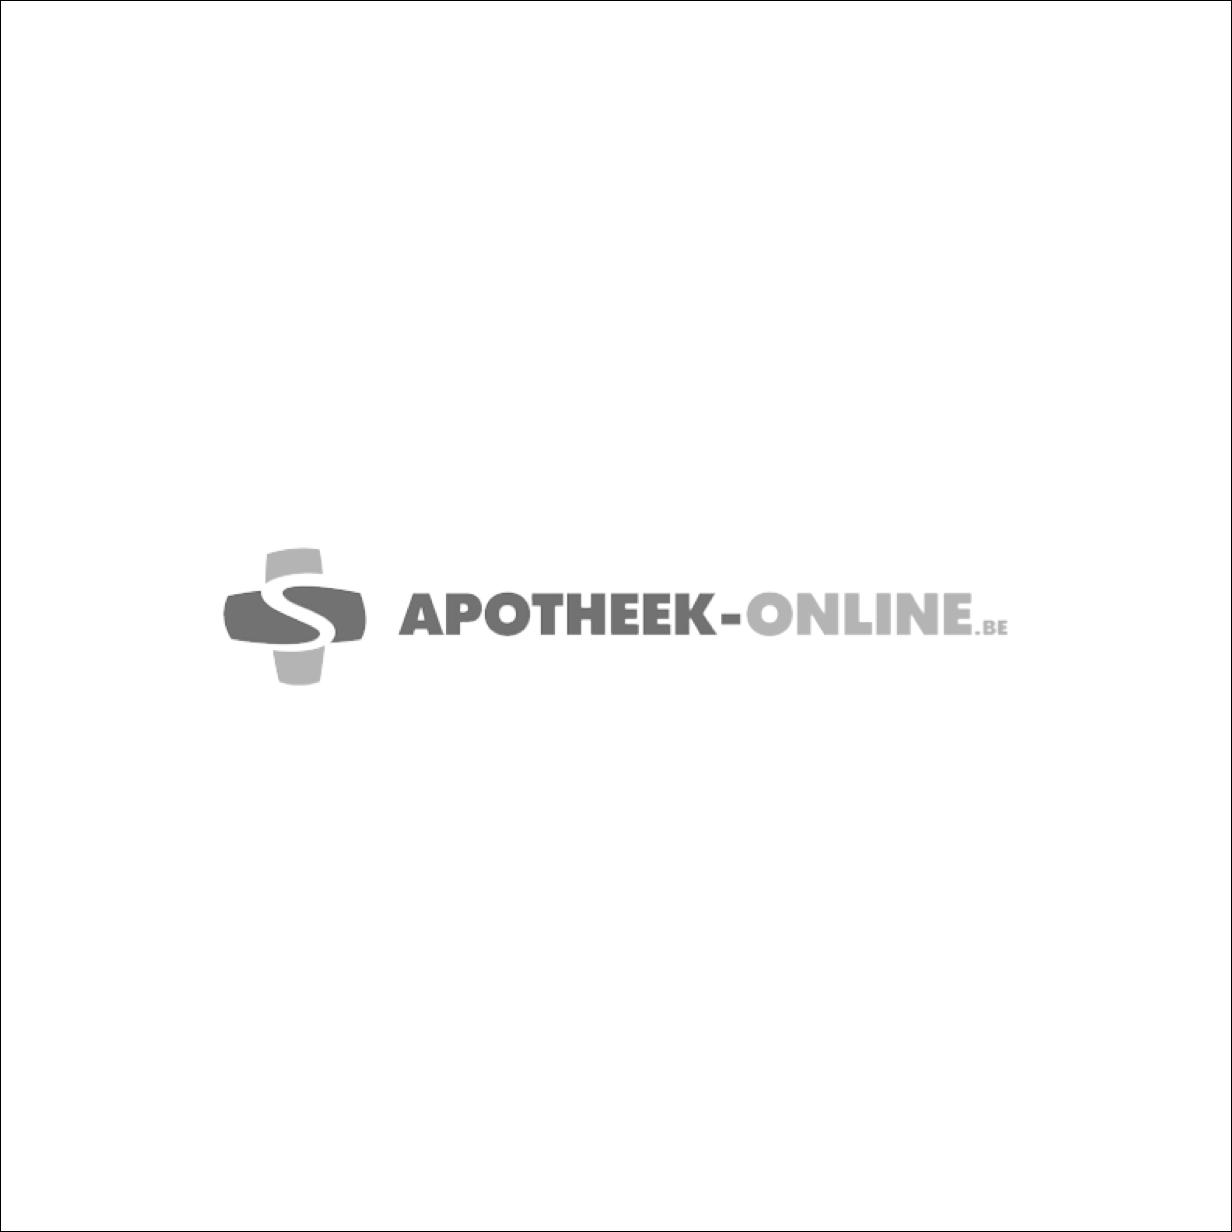 CUTIPLAST STER 10,0X30,0CM 50 66001477